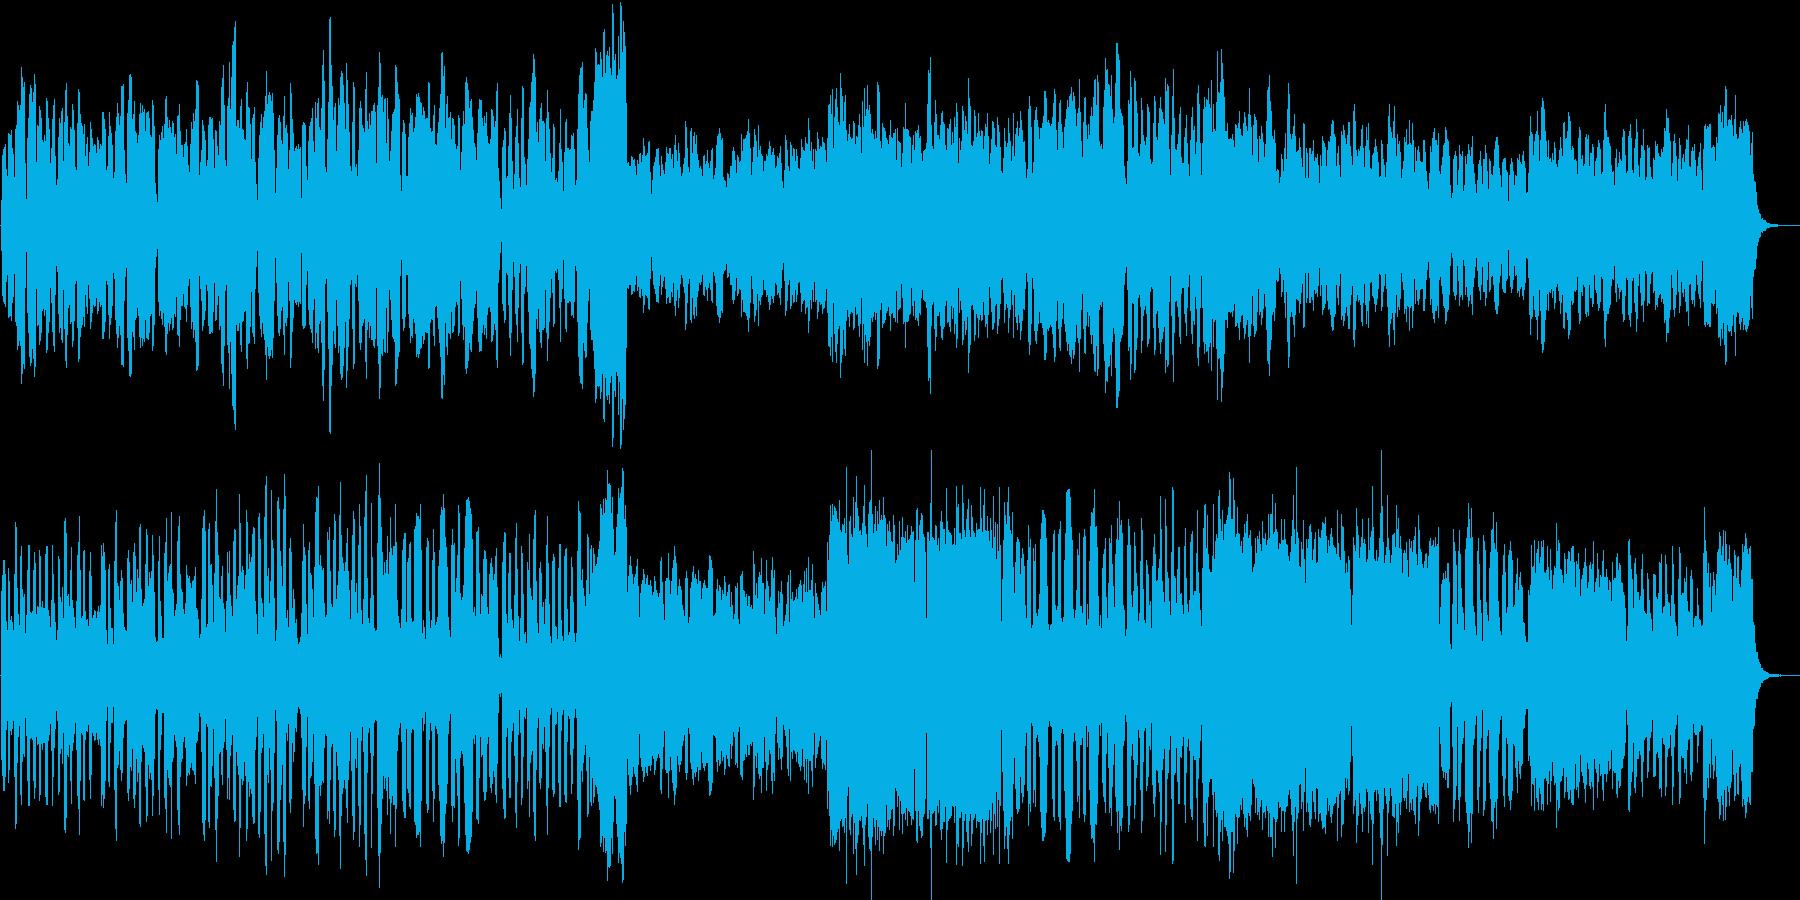 結婚式のワンシーンミュージックの再生済みの波形